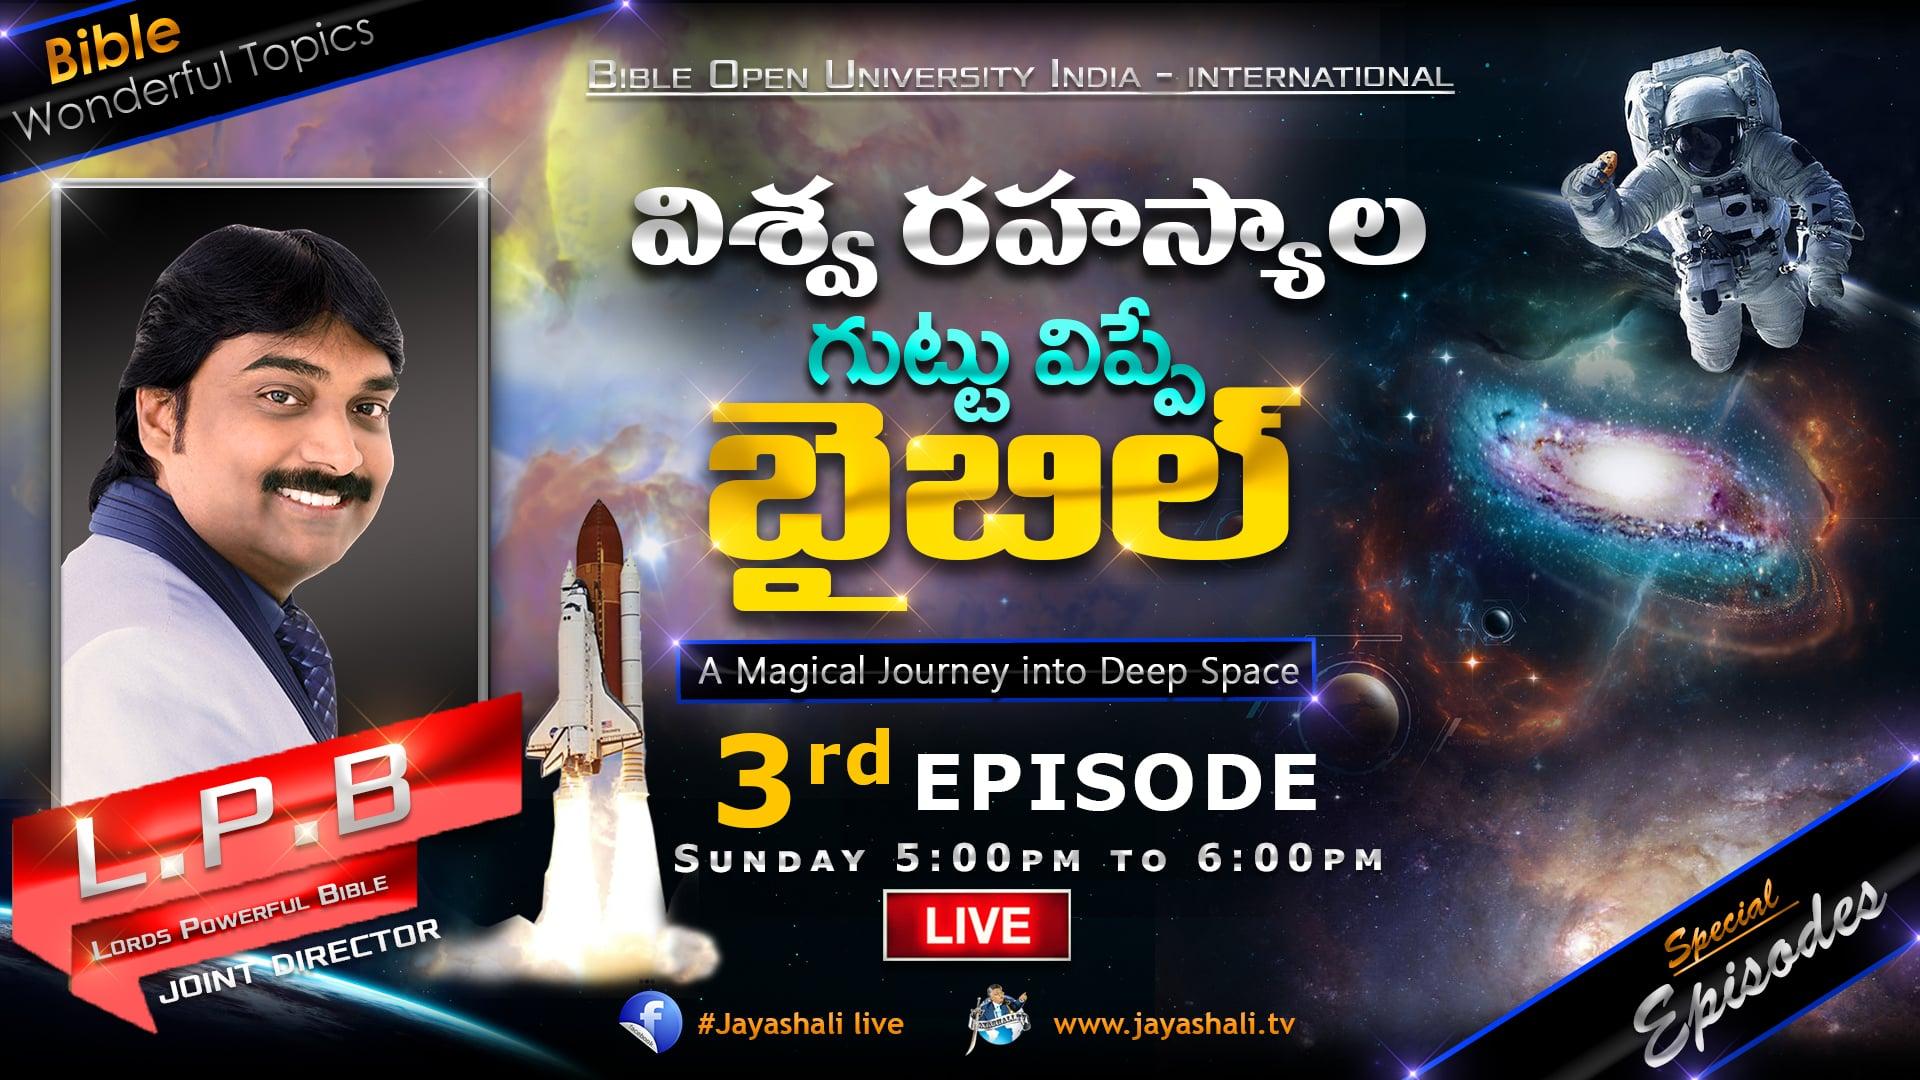 విశ్వరహస్యాల  గుట్టు విప్పే బైబిల్ |  Part-3 | L.P.B | Jayashali Live